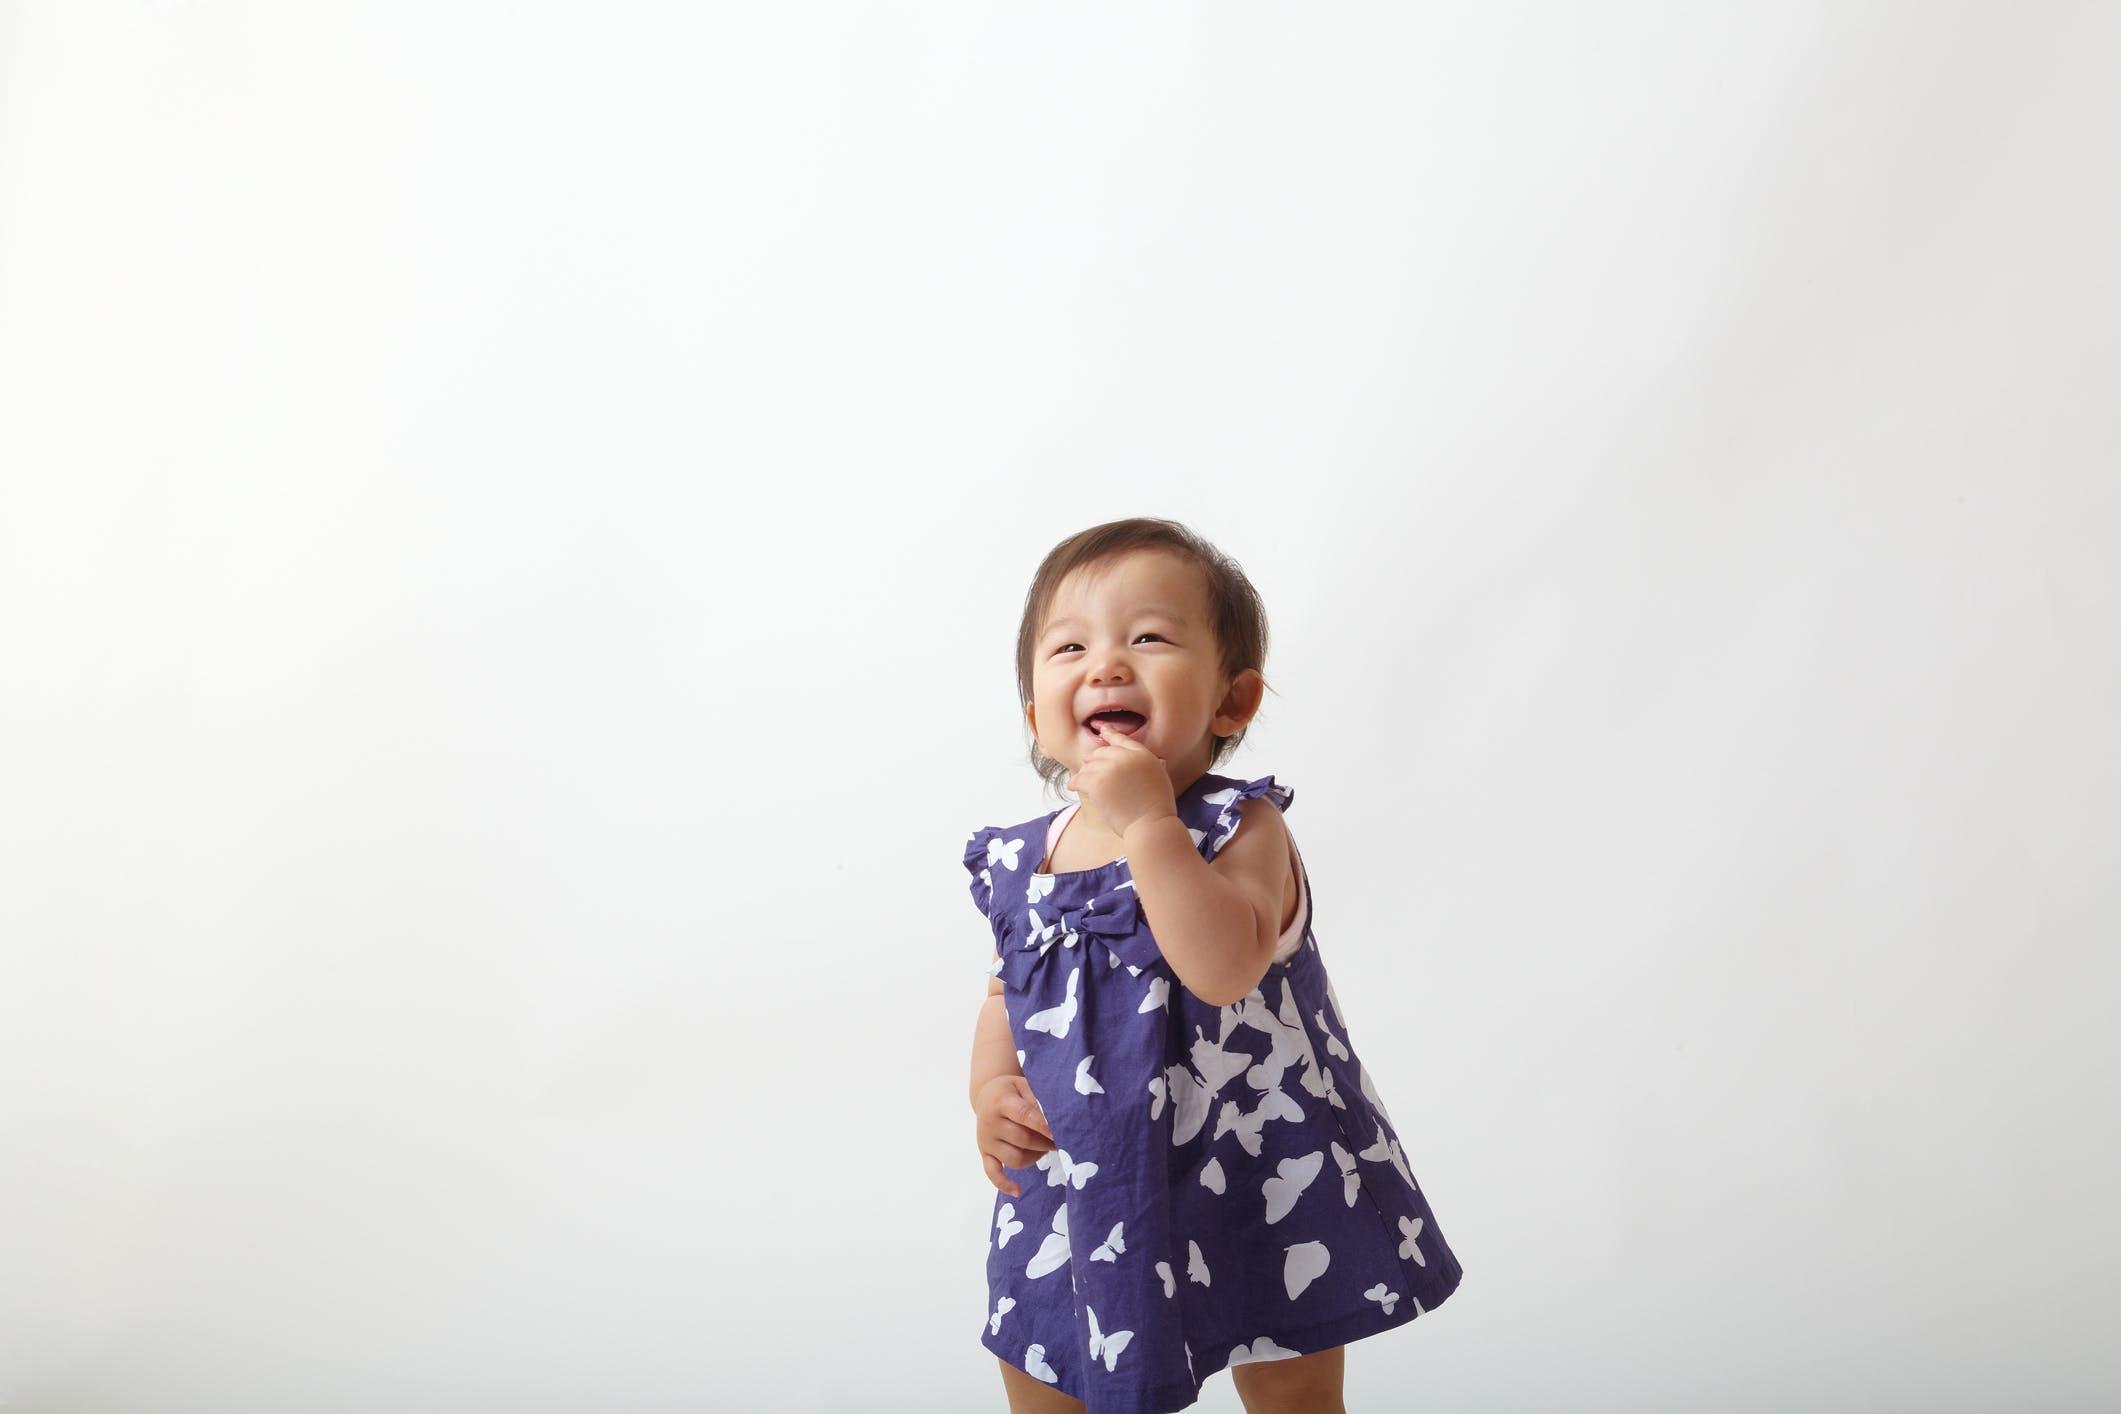 Asian baby girl indigo.jpg?ixlib=rails 3.0